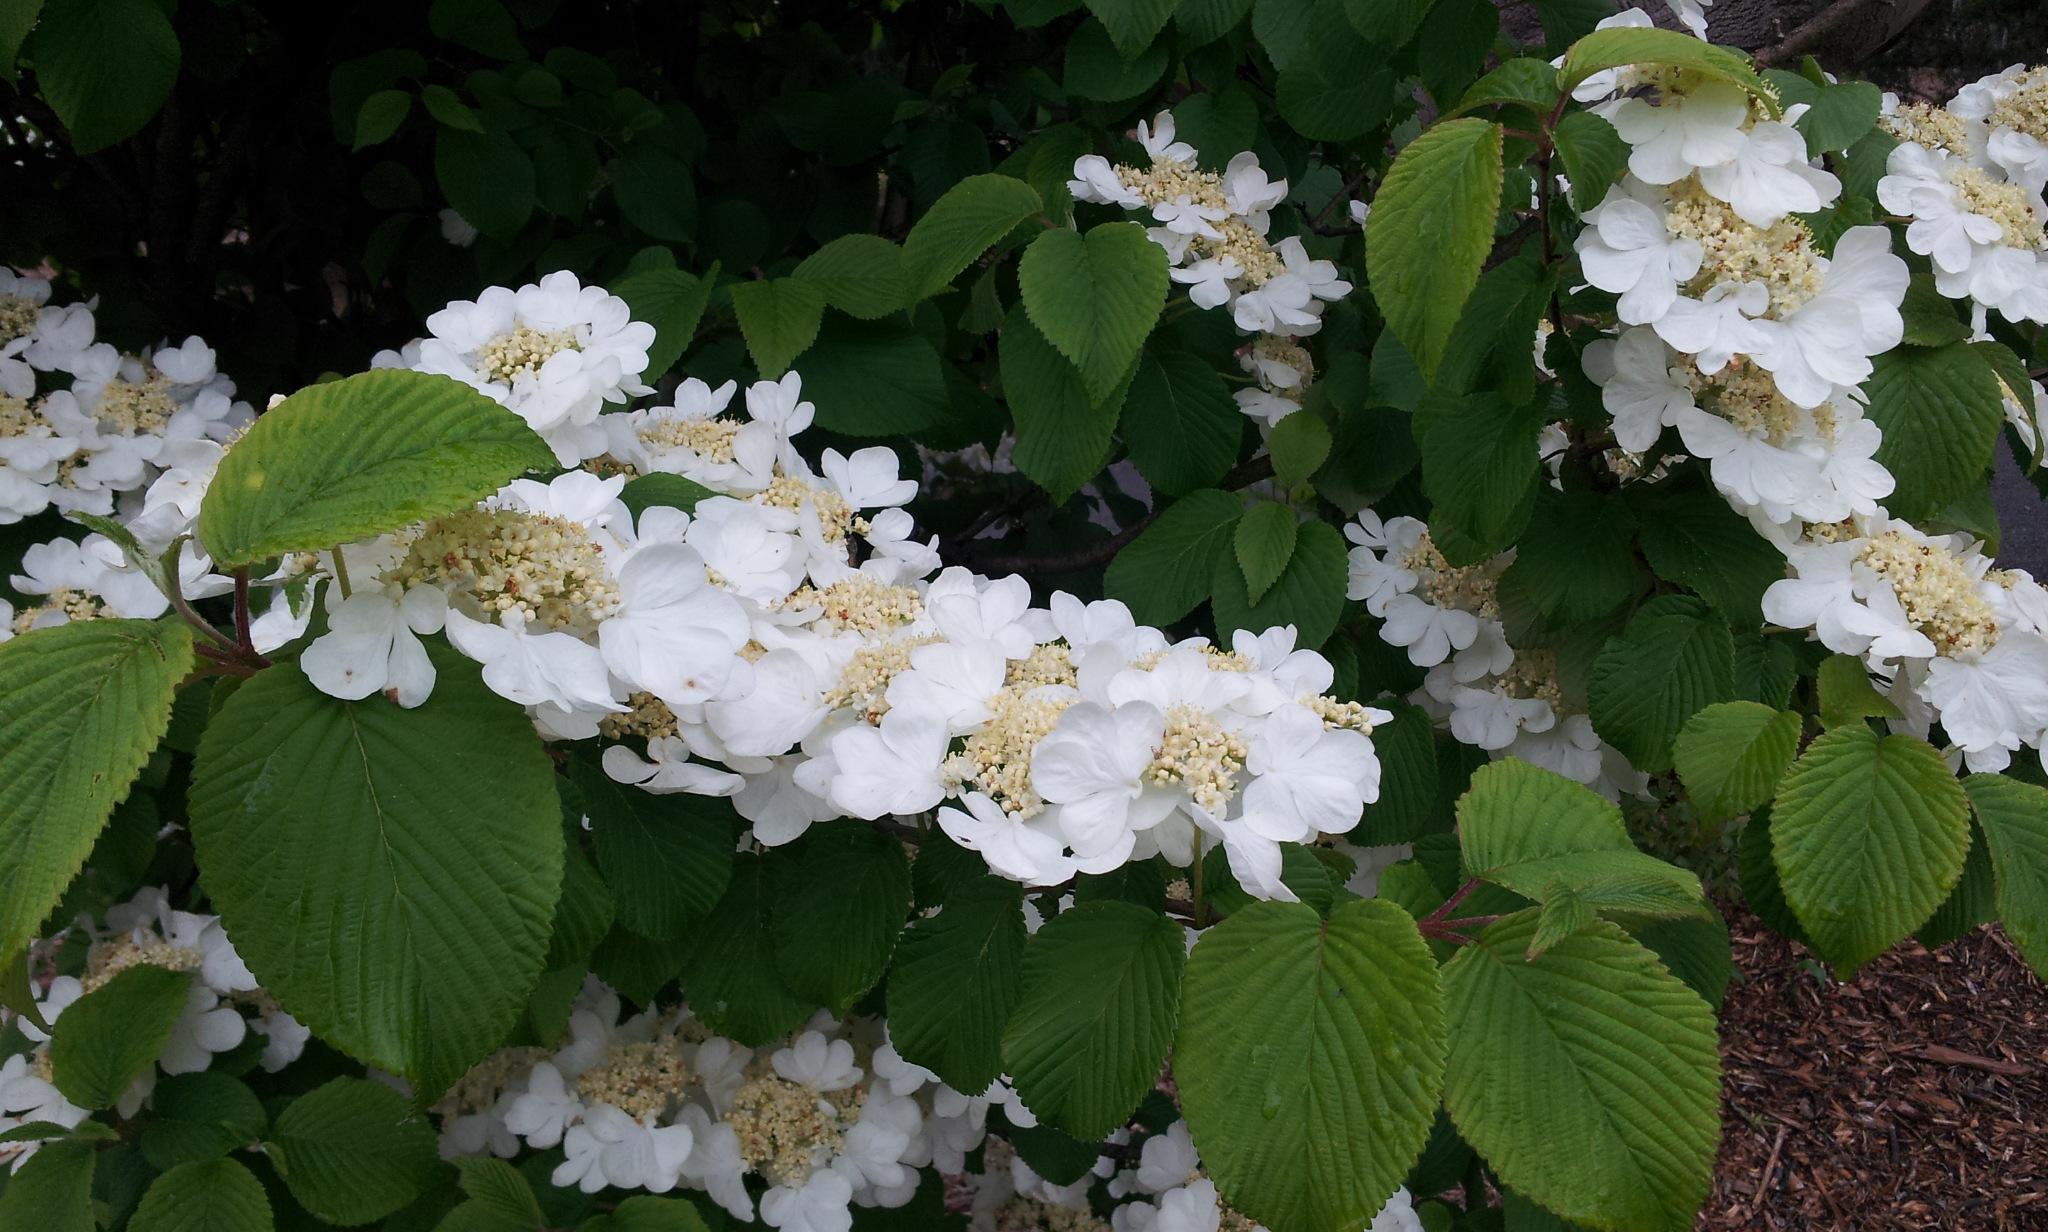 Viburnum Plicatum Grandiflorum Large Globular White Flowers